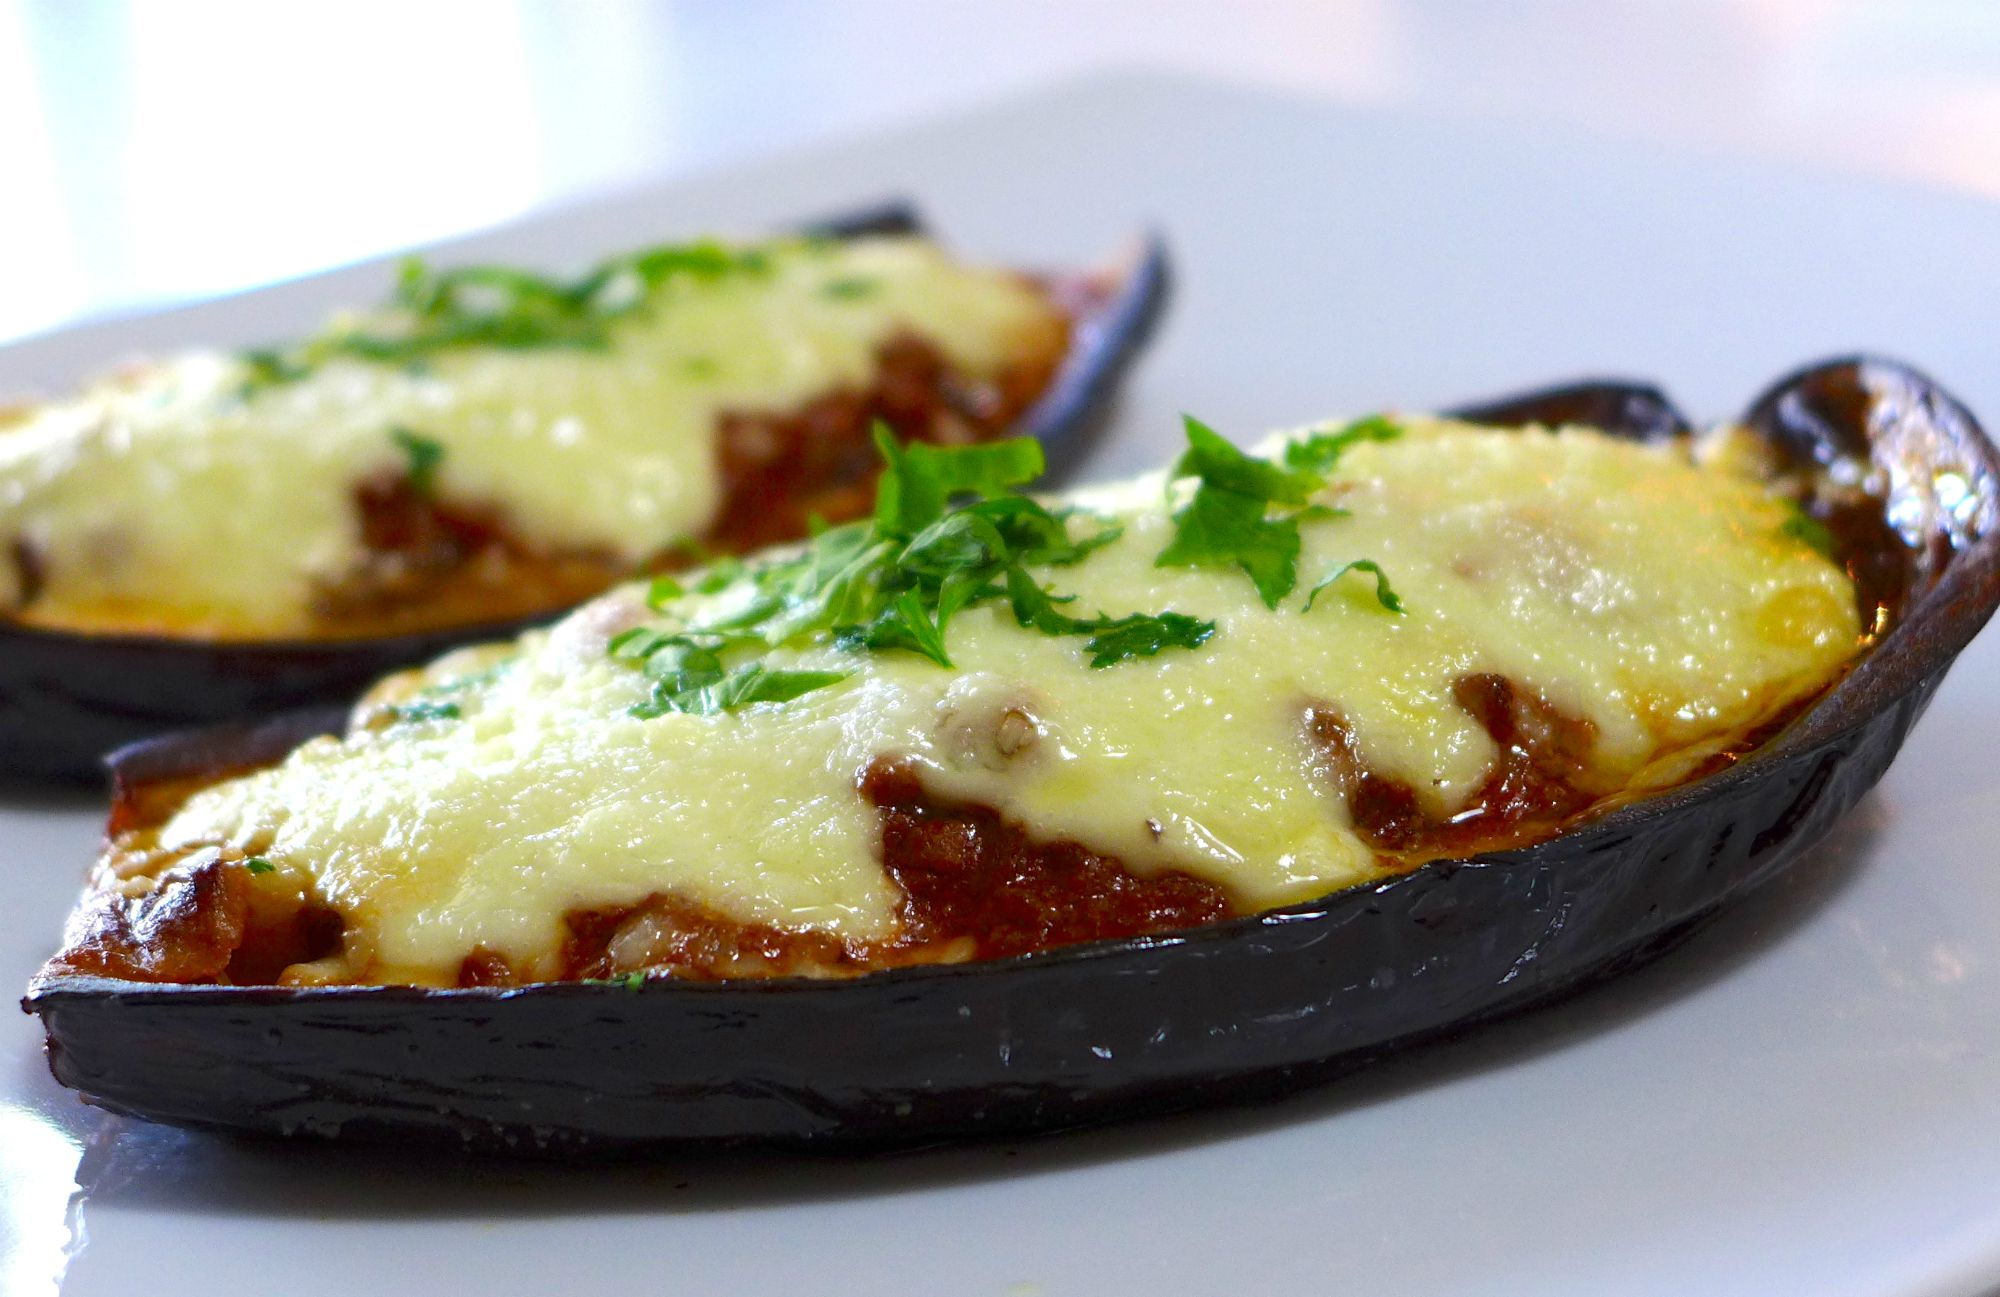 How To Make Greek Stuffed Eggplant A Recipe